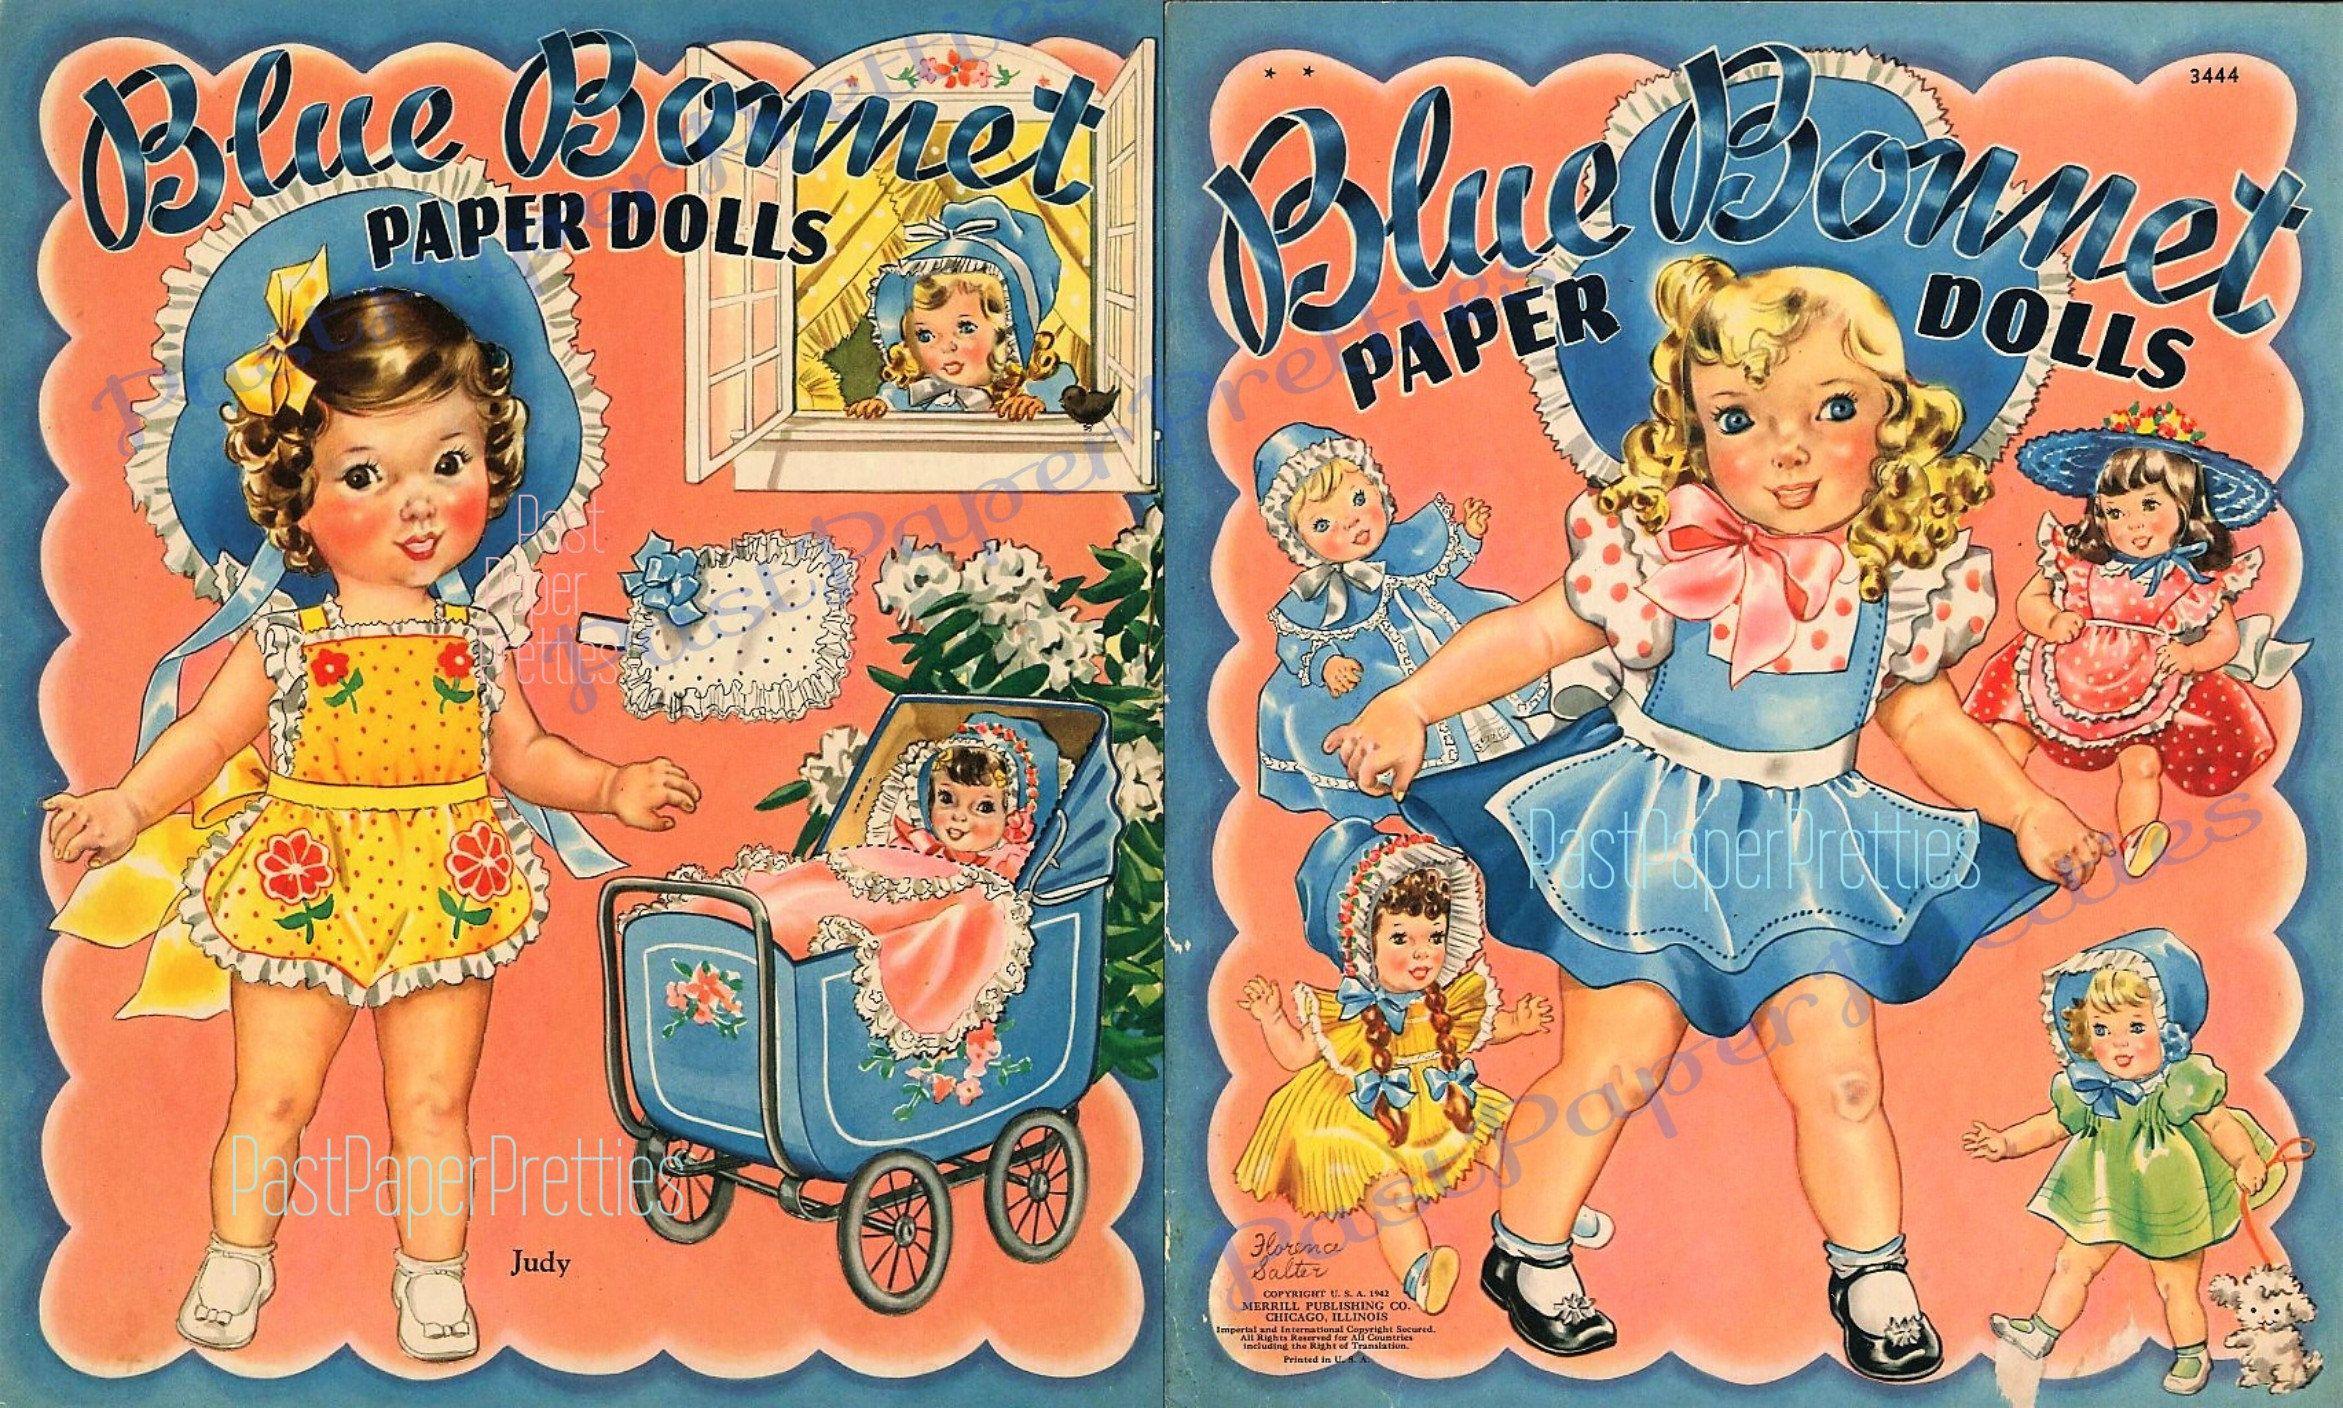 VINTAGE UNCUT 1942 BLUE BONNET PAPER DOLL HD~LASER ORG SZ REPRODUCTION~LO PR~